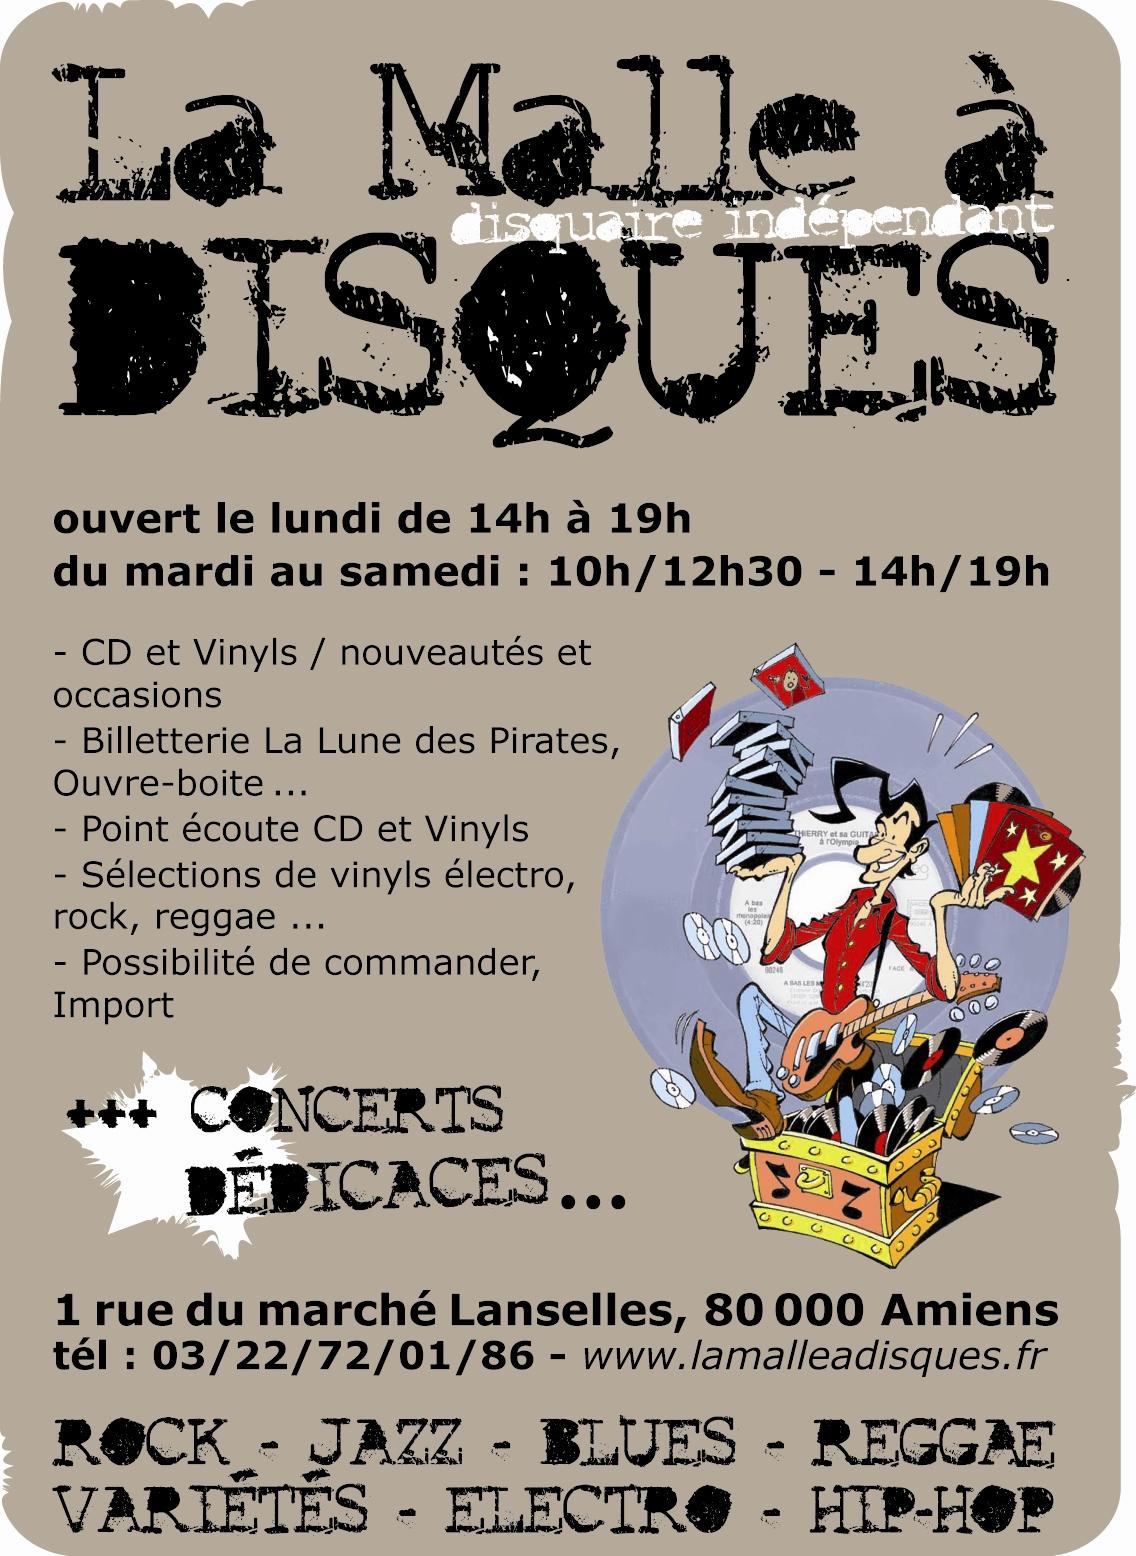 Évènement Journée – Showcases à La Malle à Disques (Amiens)